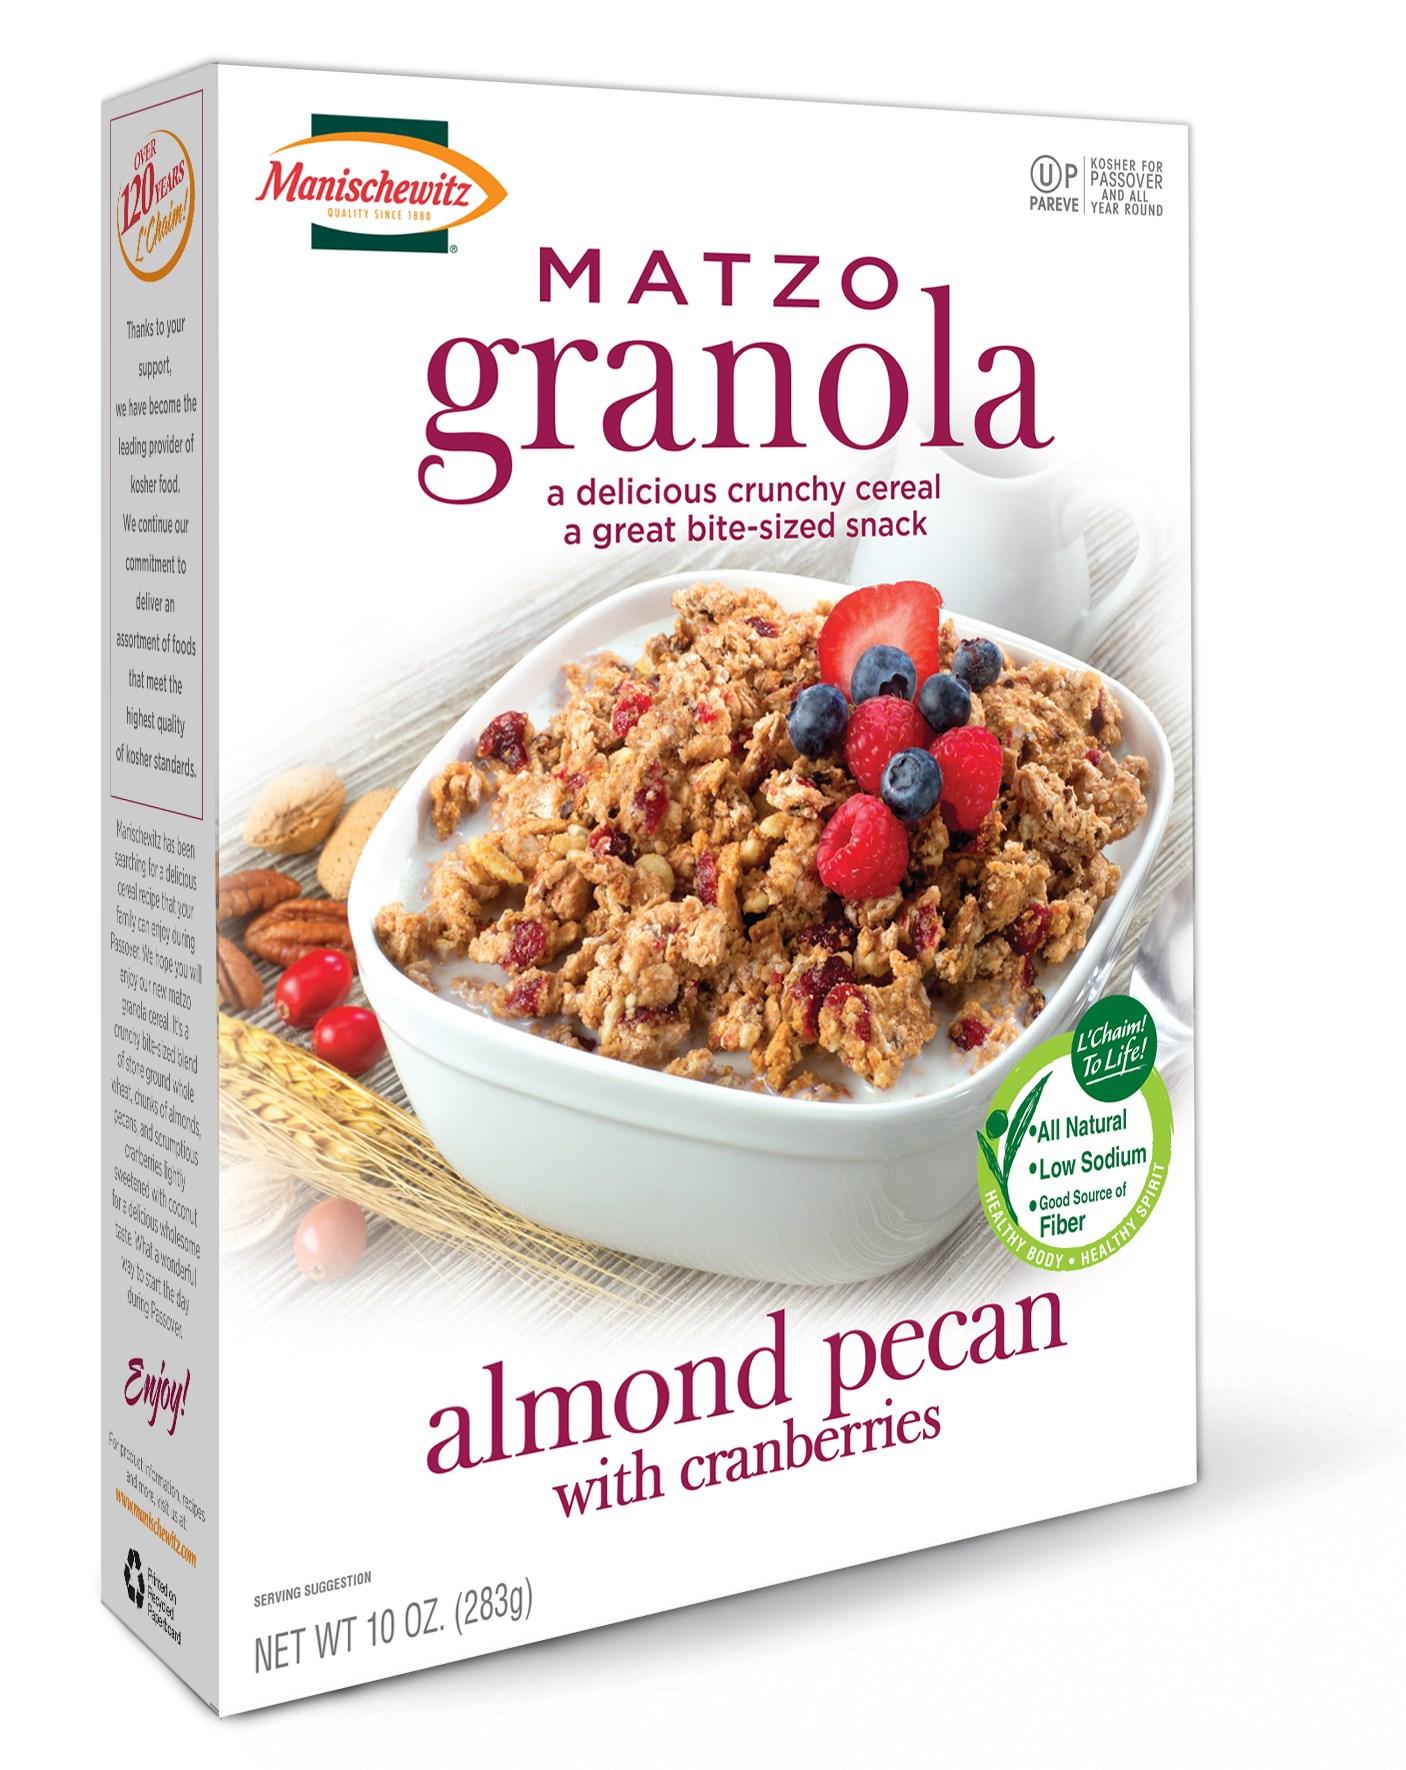 New noshes include matzo granola